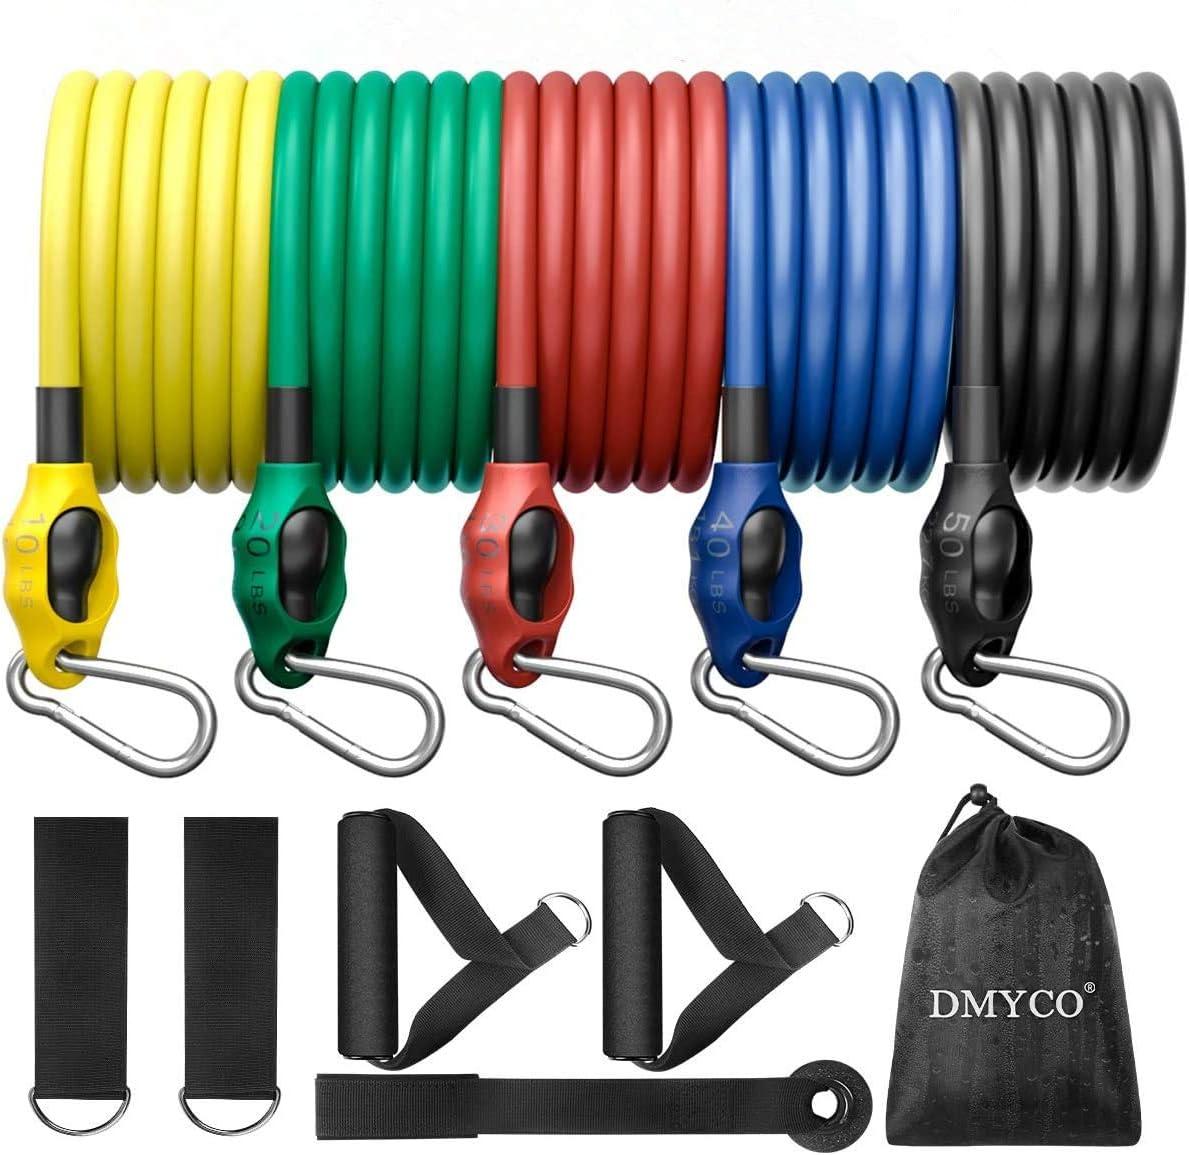 DMYCO Juego de bandas de resistencia para ejercicios, bandas elásticas de entrenamiento, apilables hasta 150 libras para hombres y mujeres en casa, ...